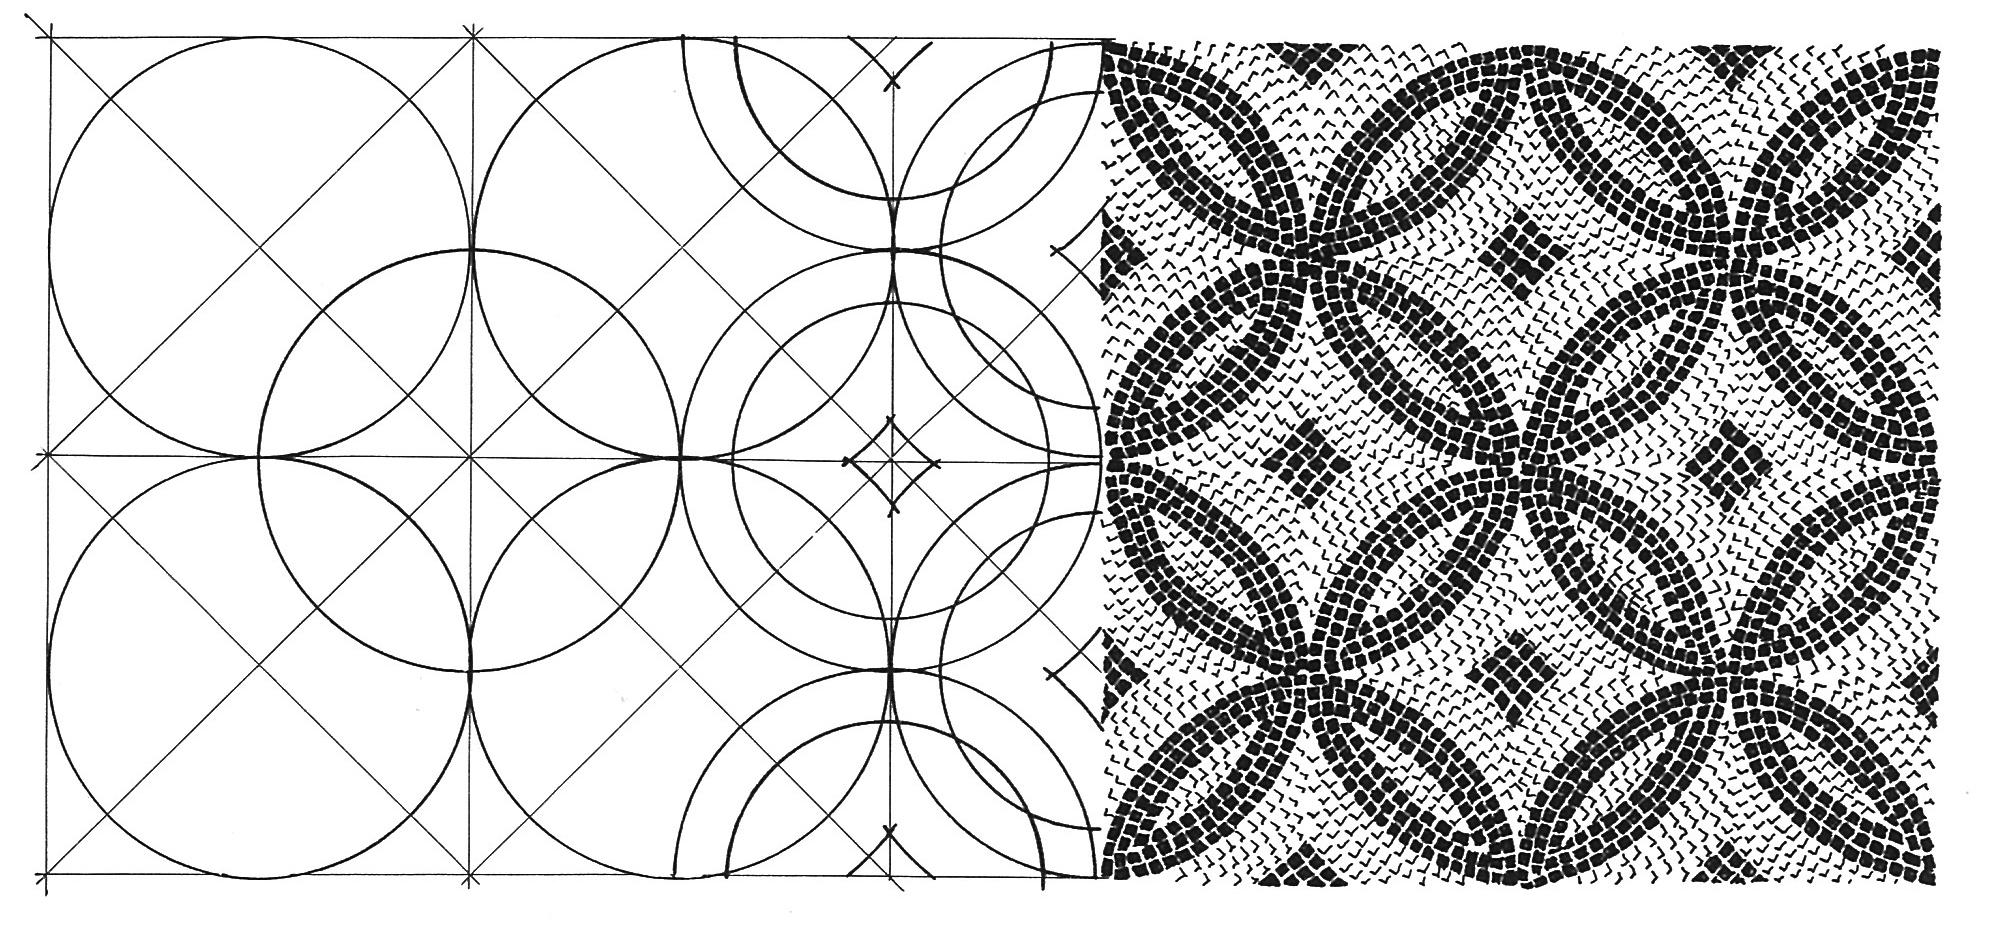 Ornamenti mosaici romani for Disegni per mosaici da stampare